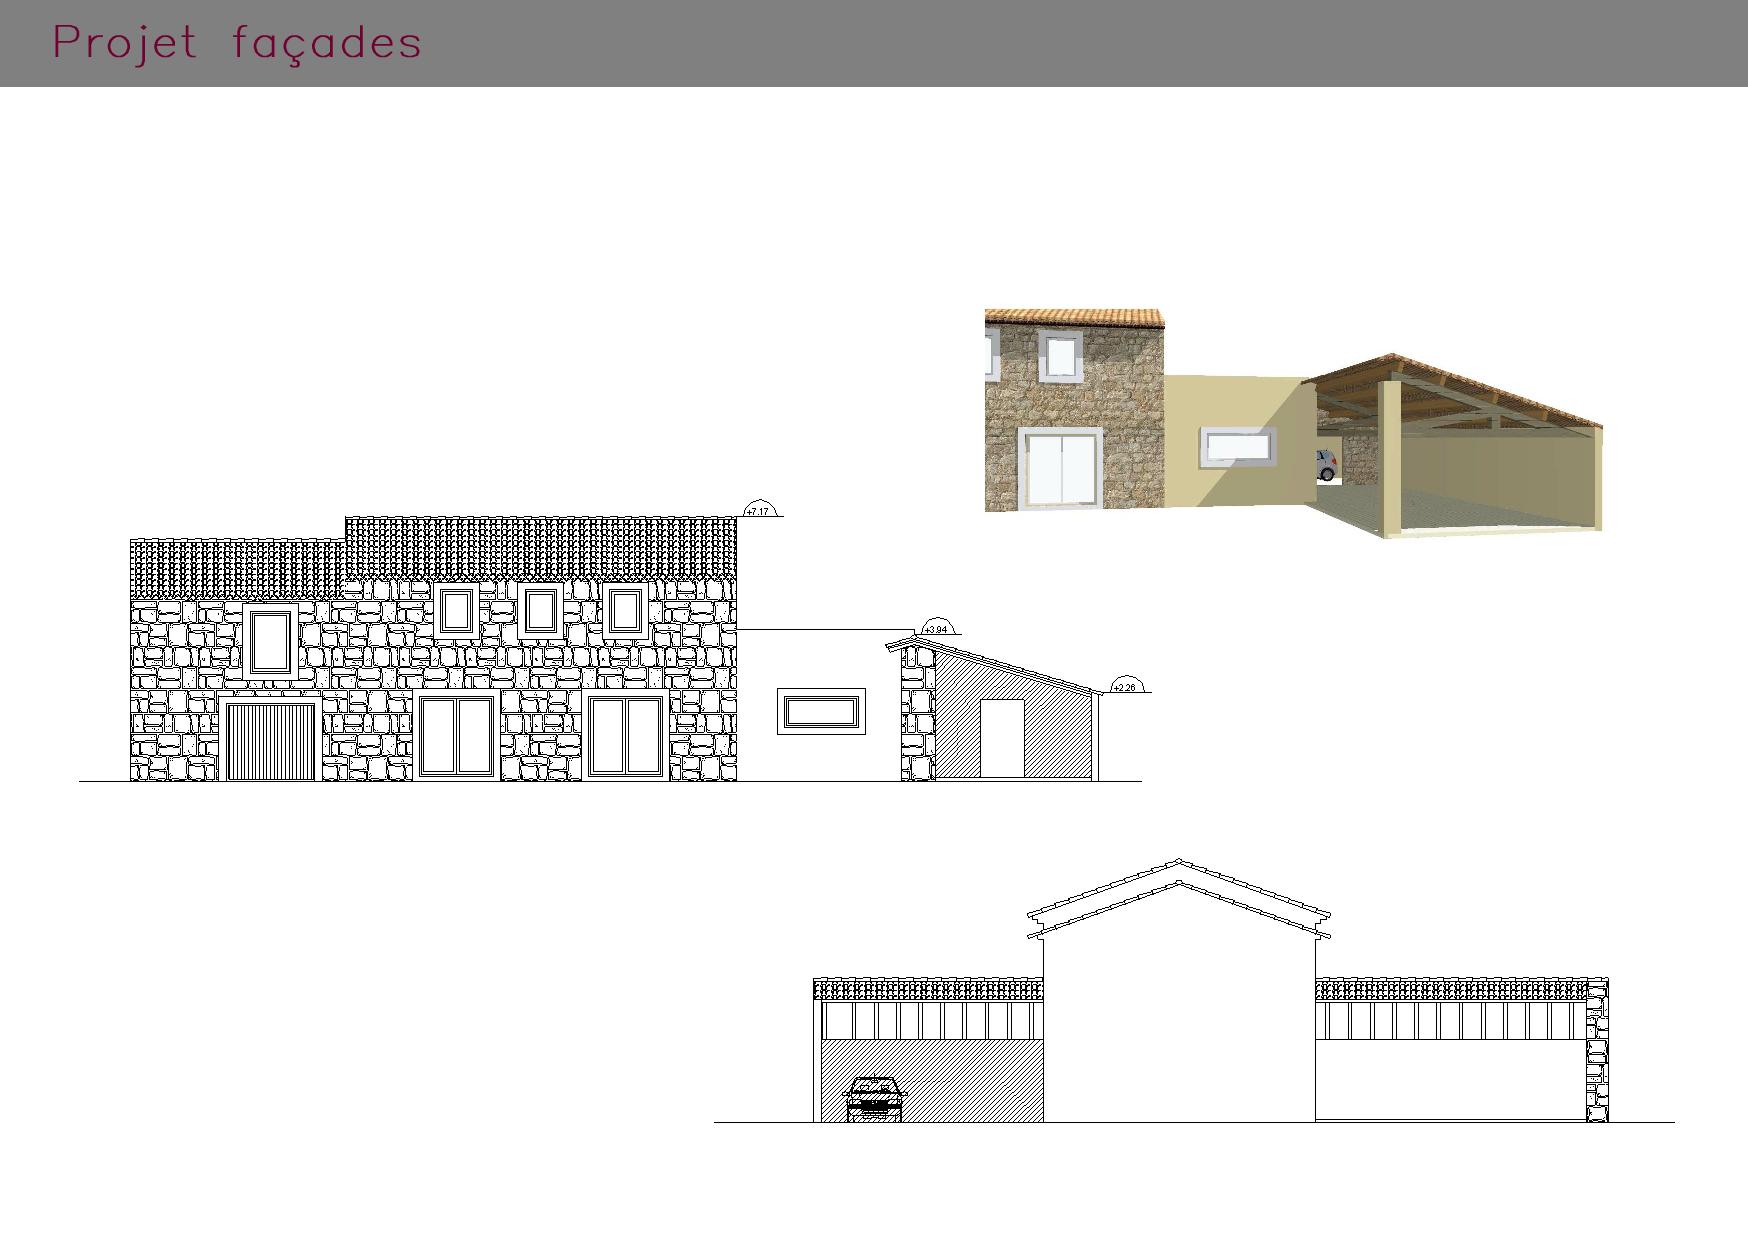 Plans projets : façades d'une ancienne ferme